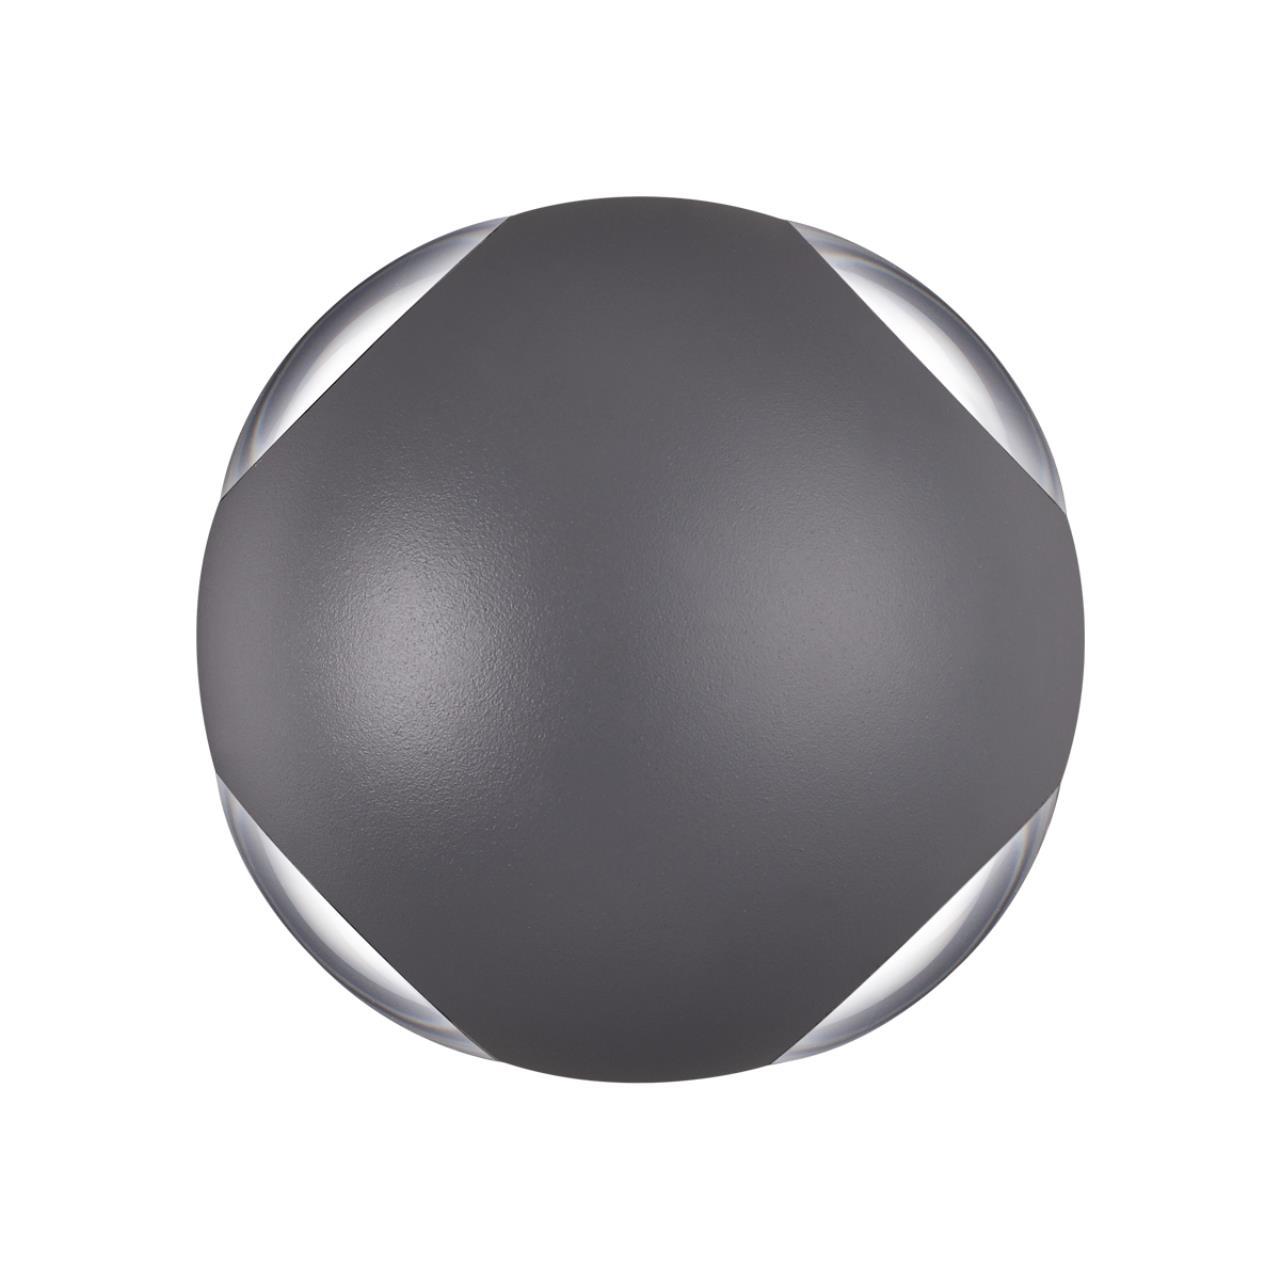 Светильник уличный Novotech CALLE, 358464, 3W, IP54